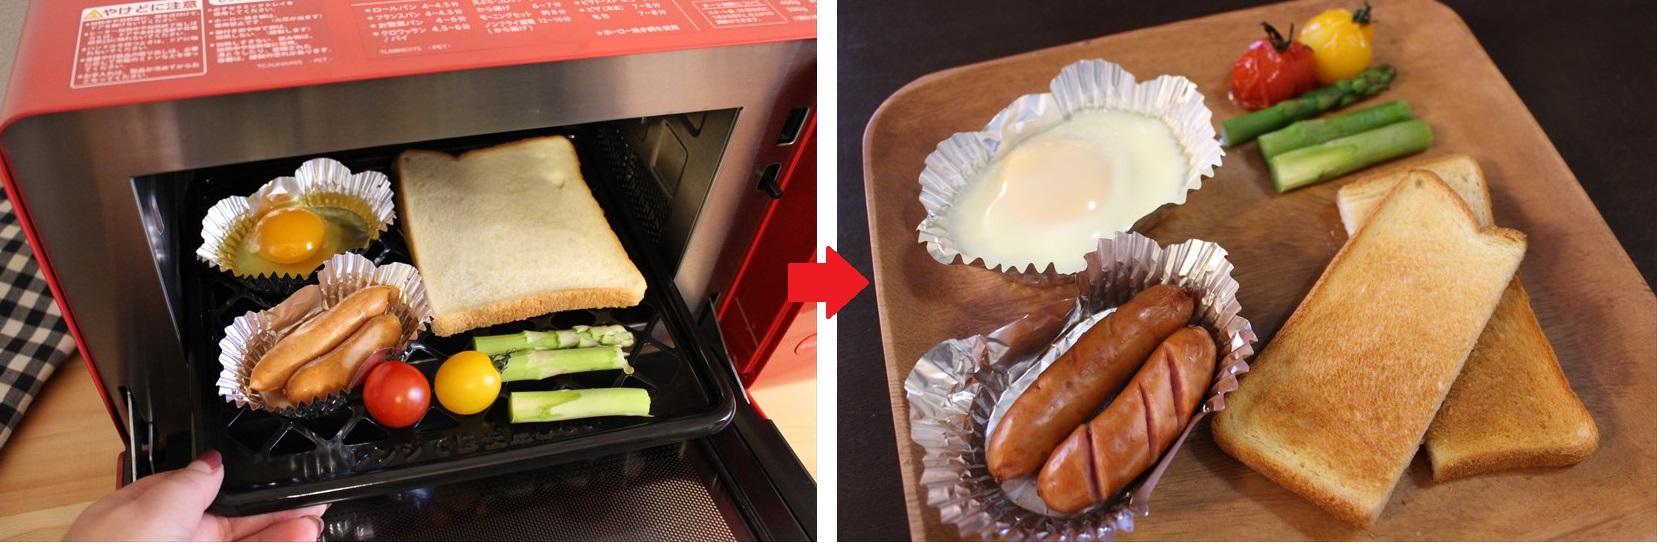 ↑食パンや生卵、野菜をトレイに並べ、火力「中」で8分。身支度などを済ませているうちに、一人前のモーニングセットが完成! 一度で調理できるのは、やっぱりラク